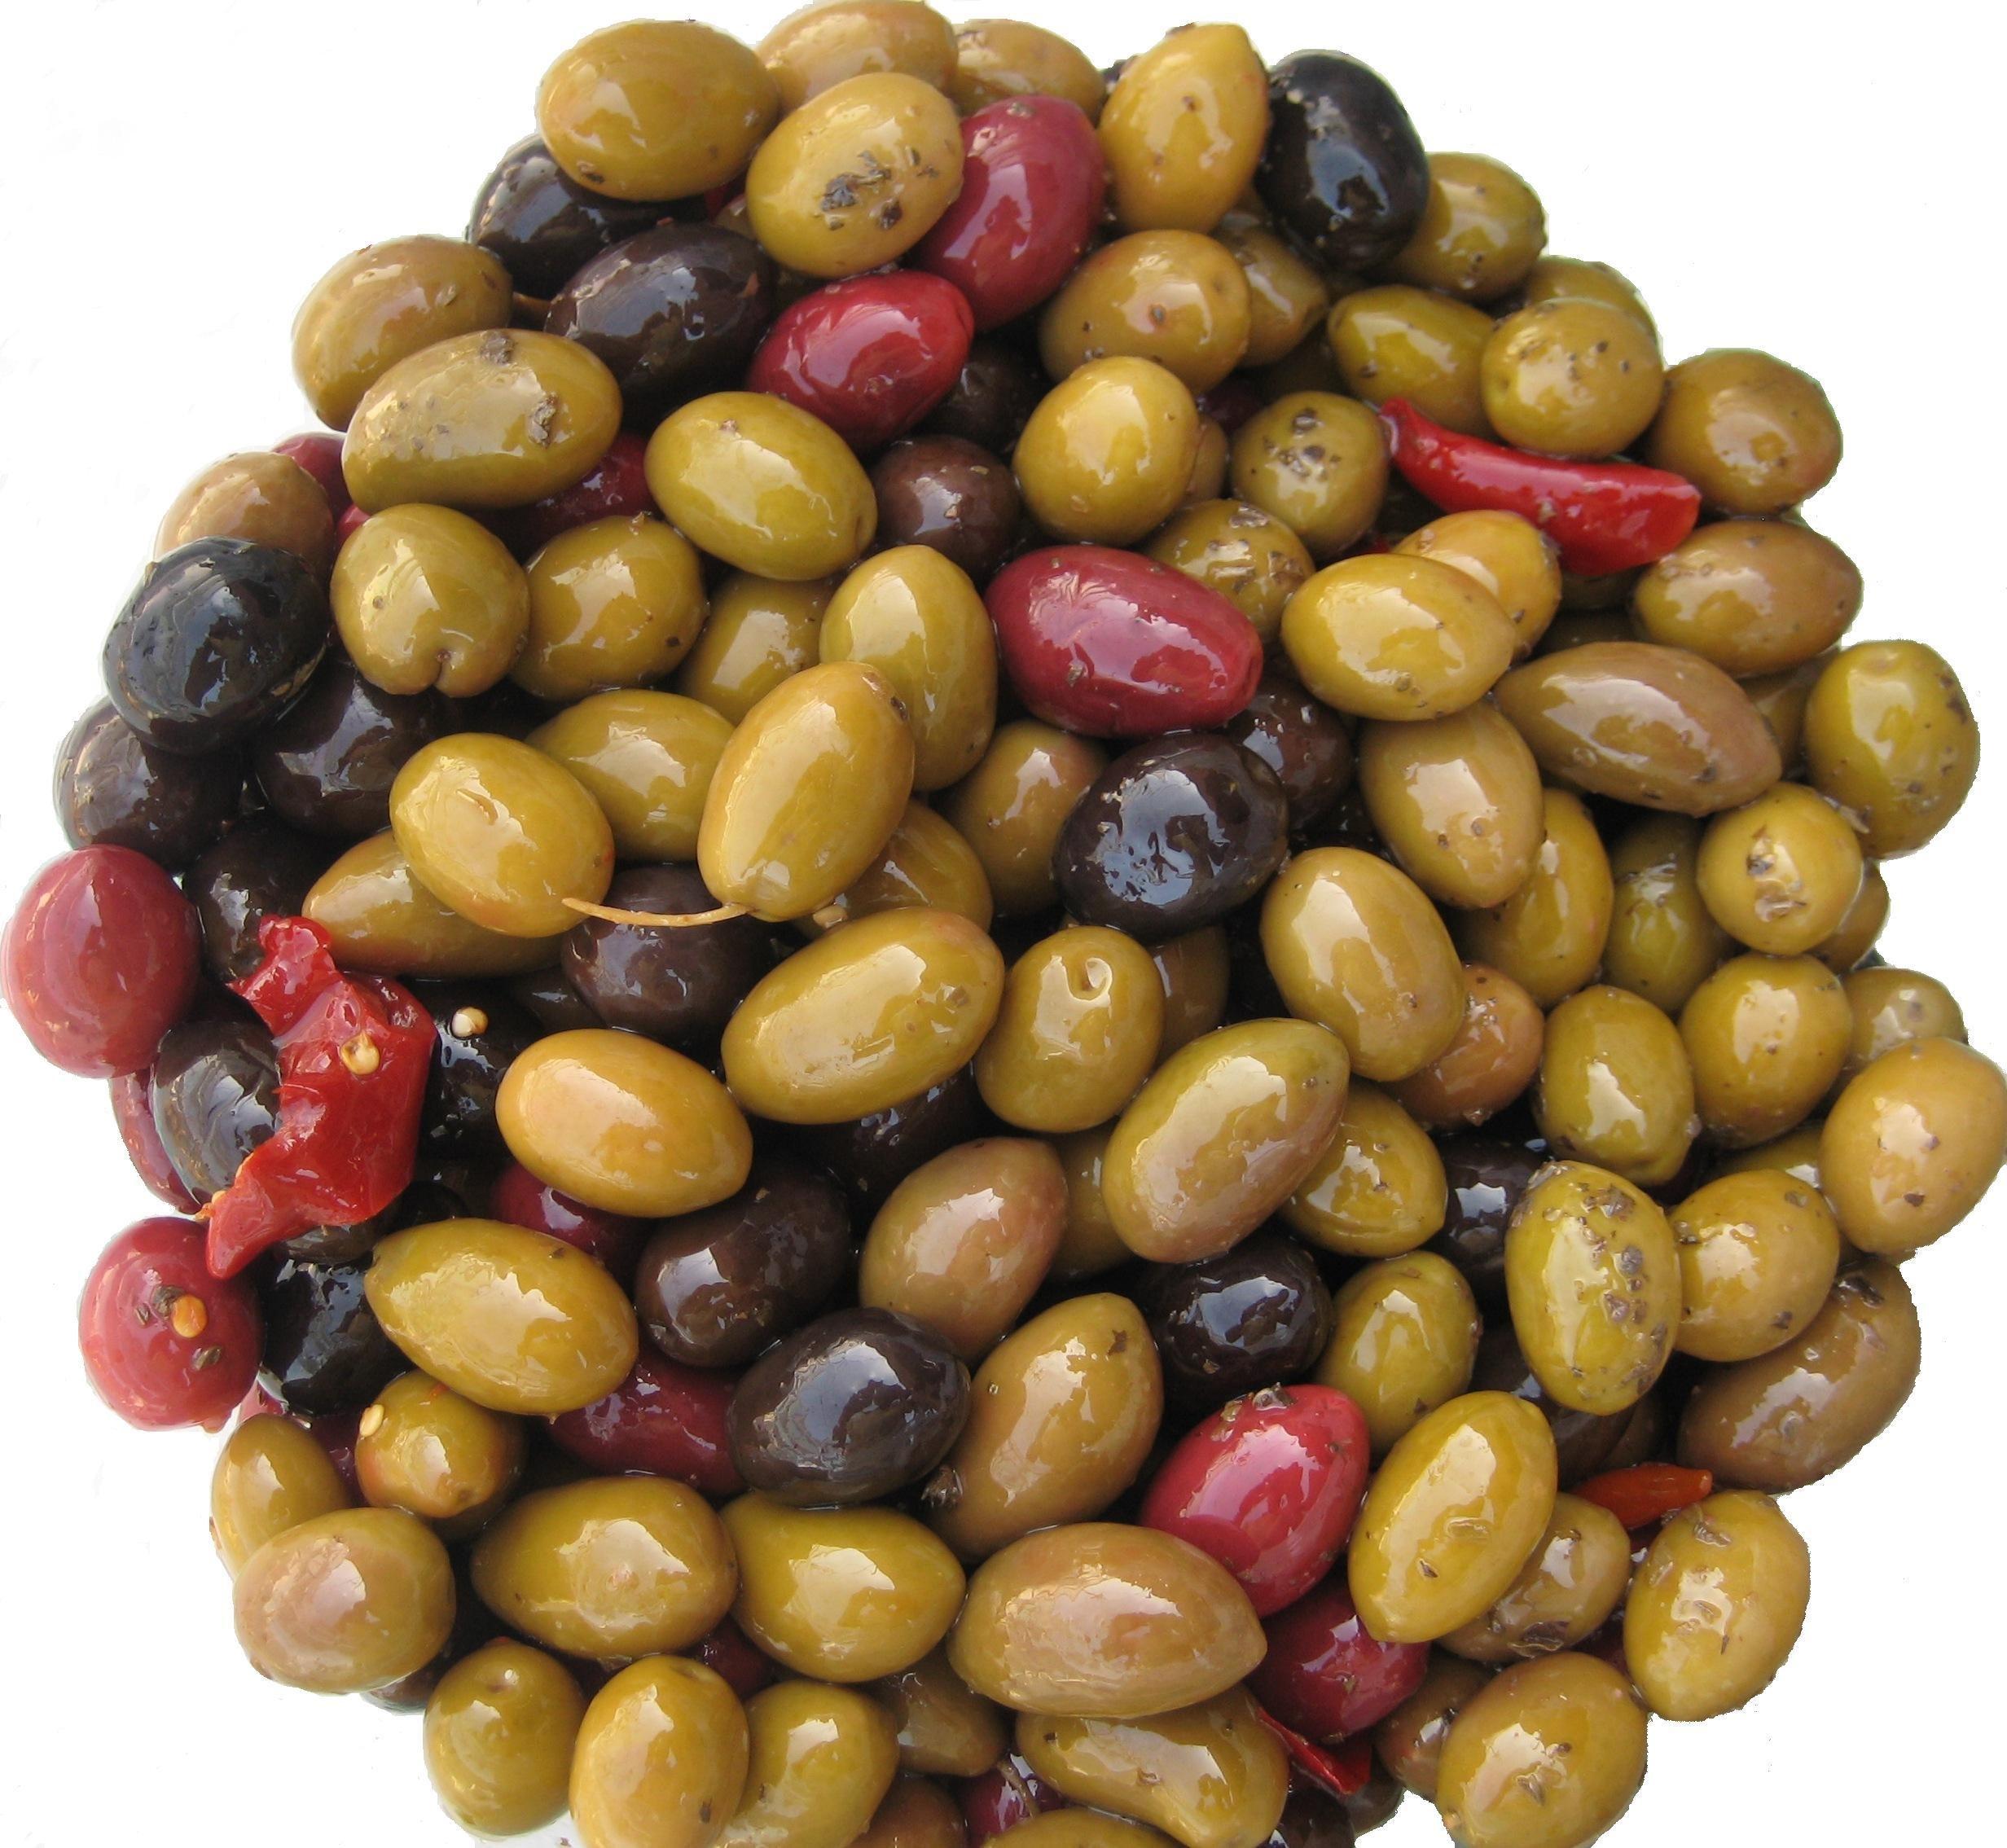 Olio&Olive Italian Mini Olive Snack Variety Sampler Pack 6x4oz.